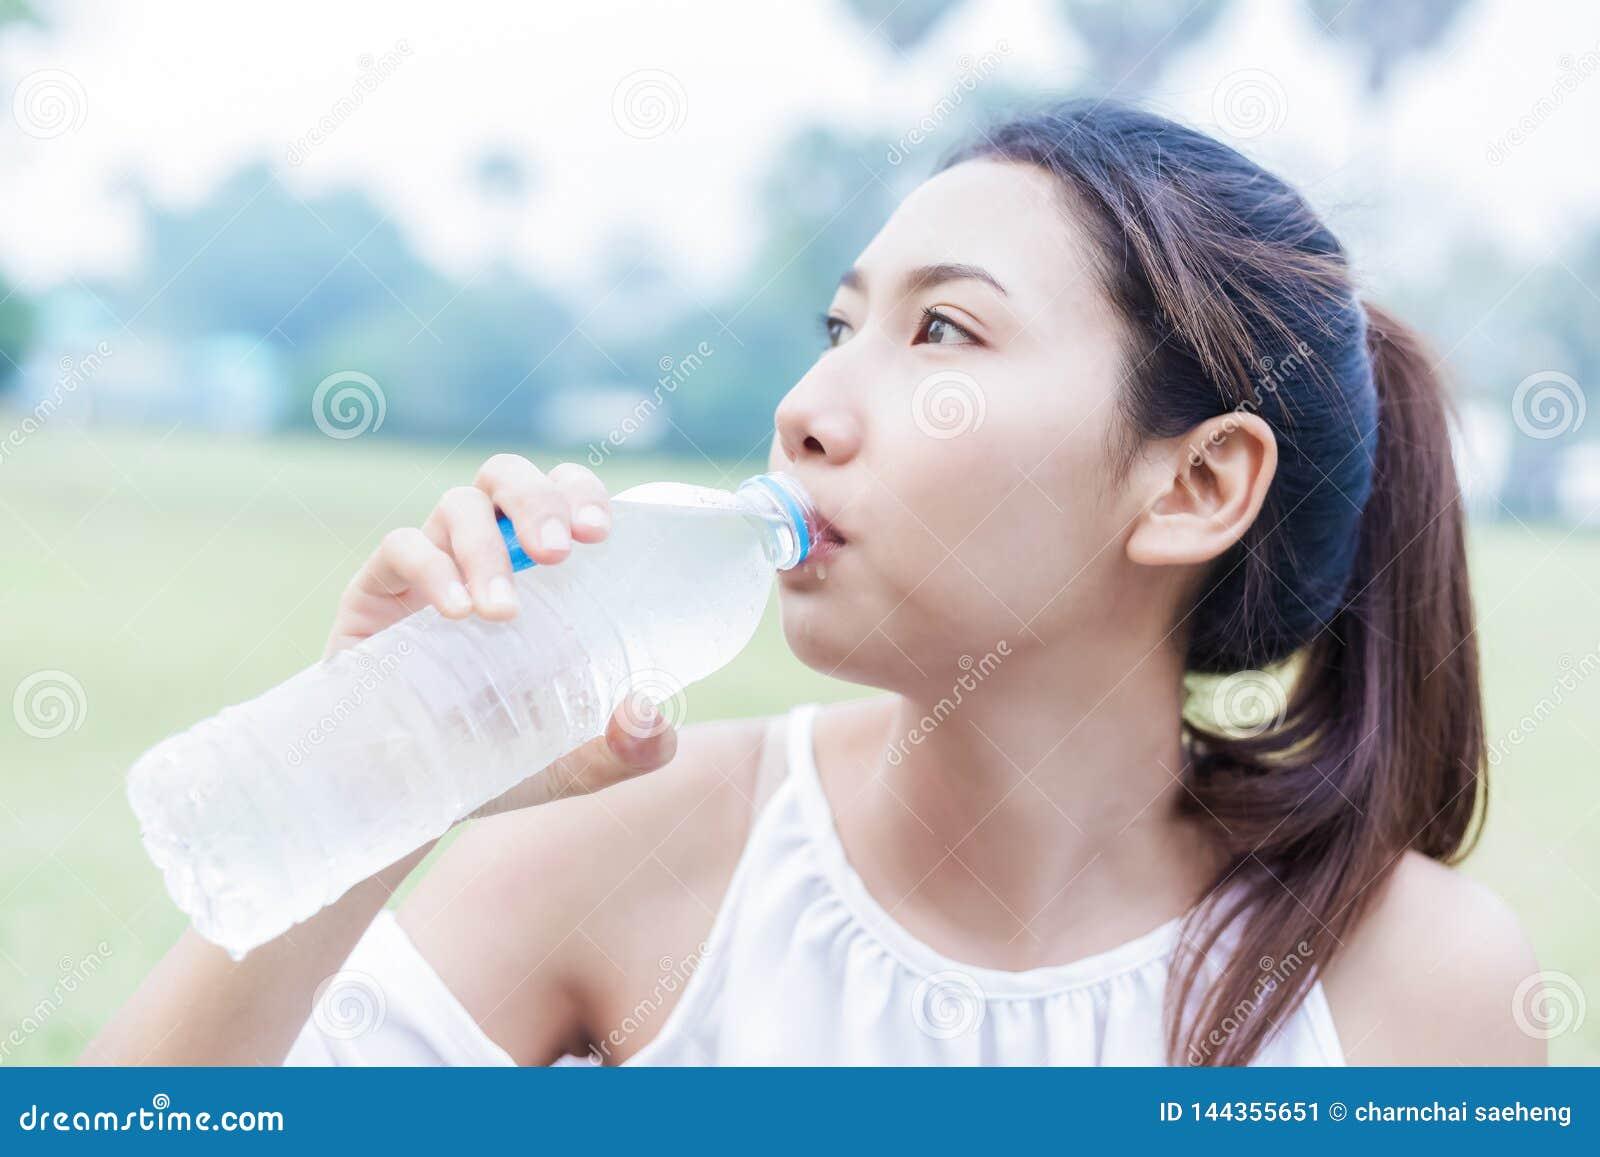 Frauen trinken Wasser von der Flasche im Park